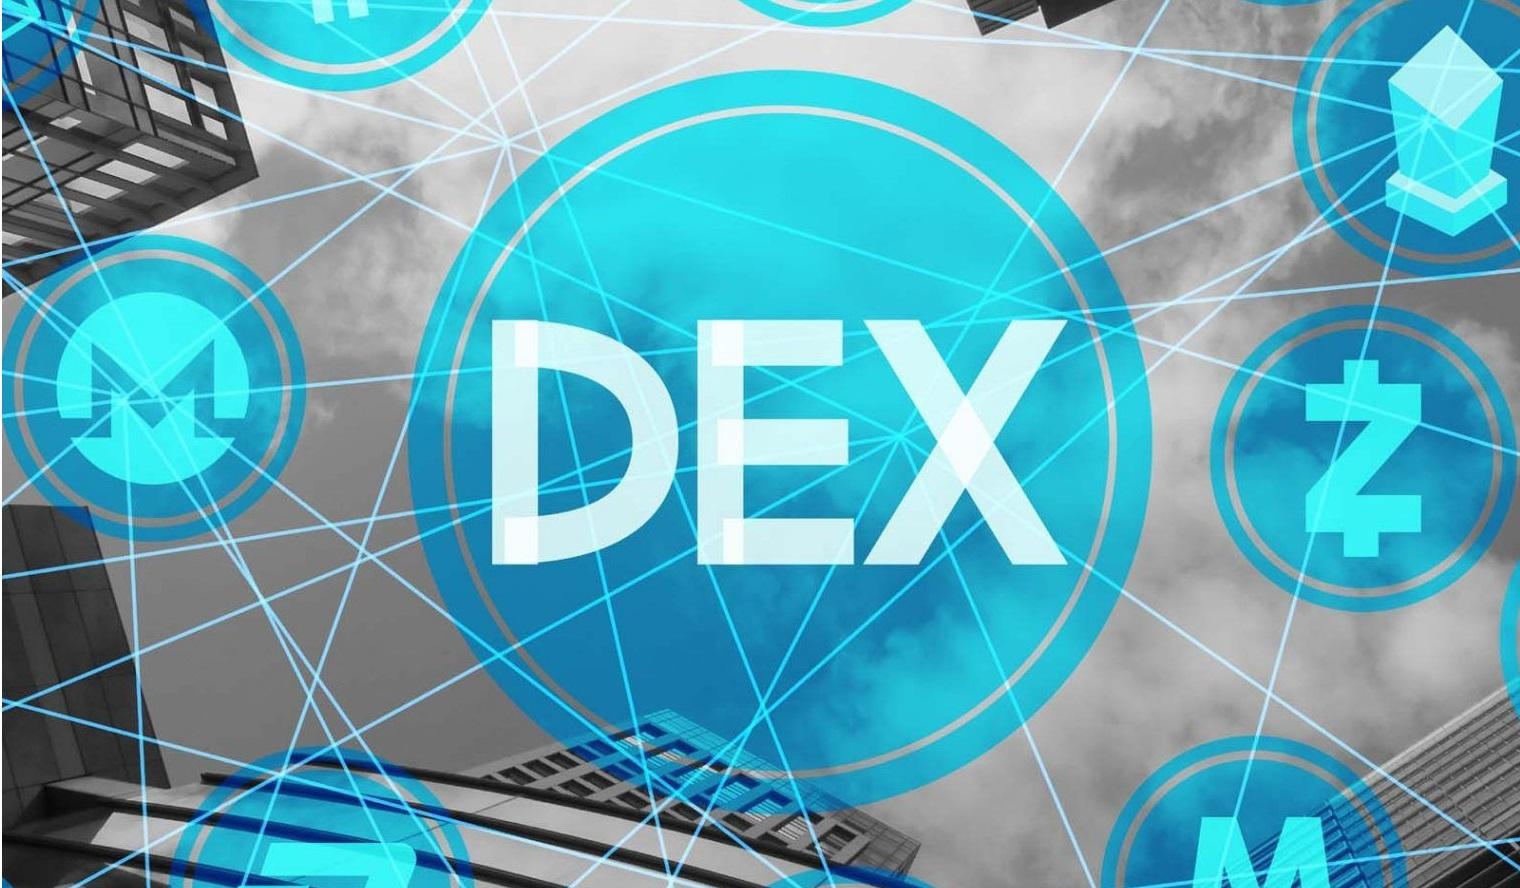 Zdecentralizowane giełdy kryptowalut DEX - czym są, jak działają i które są najpopularniejsze?